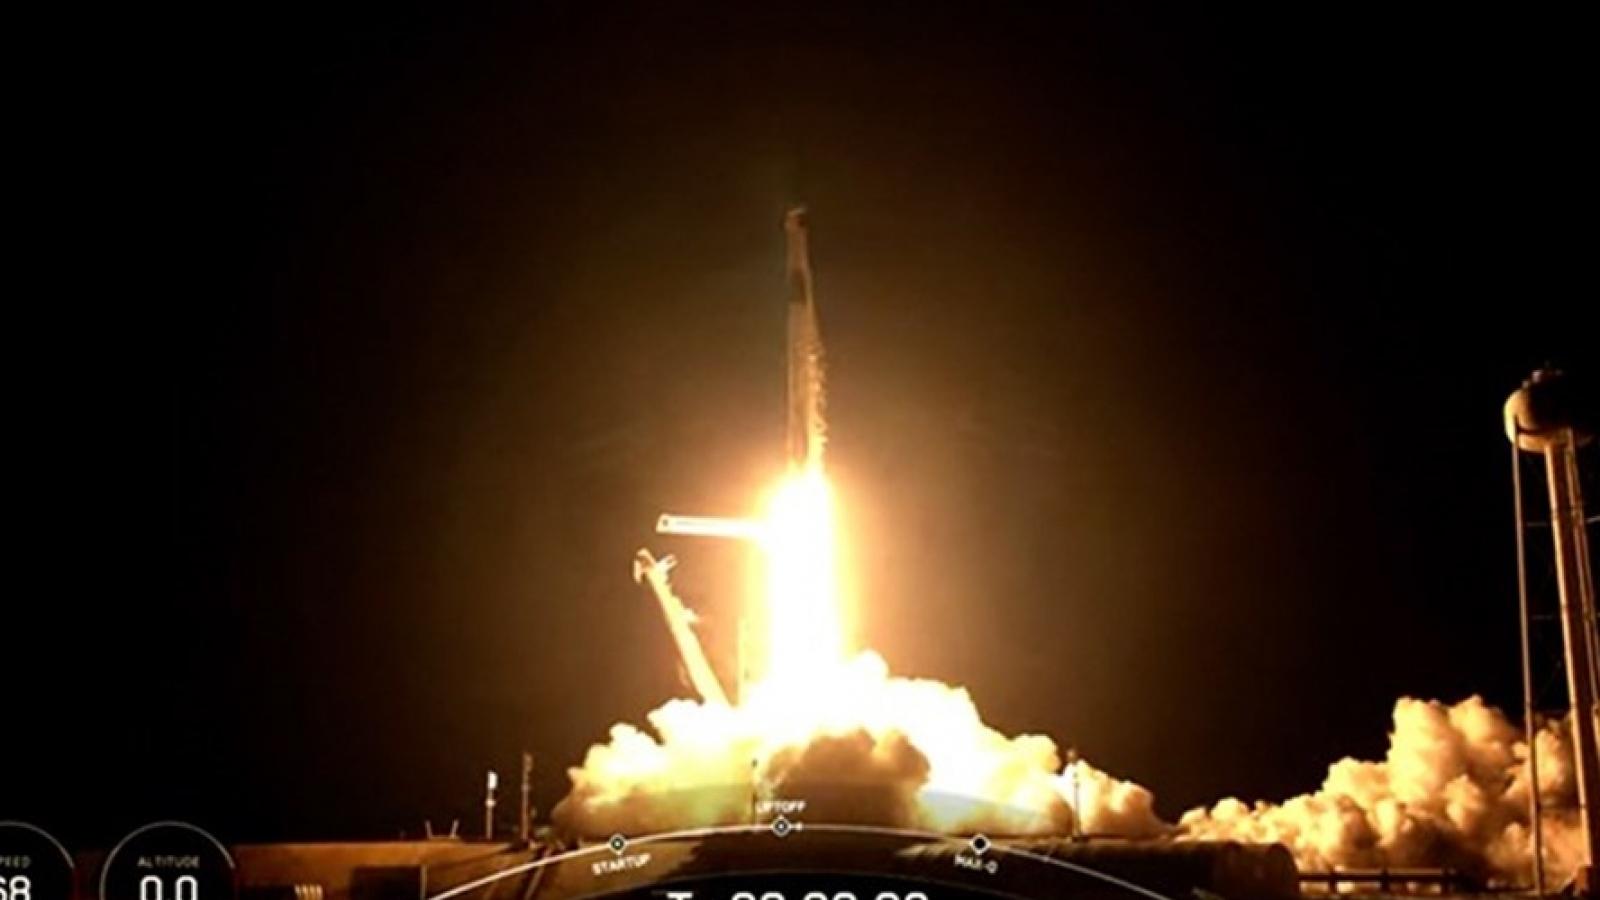 Phi hành đoàn Inspiration4 dân sự của SpaceX trò chuyện với bệnh nhi từ không gian